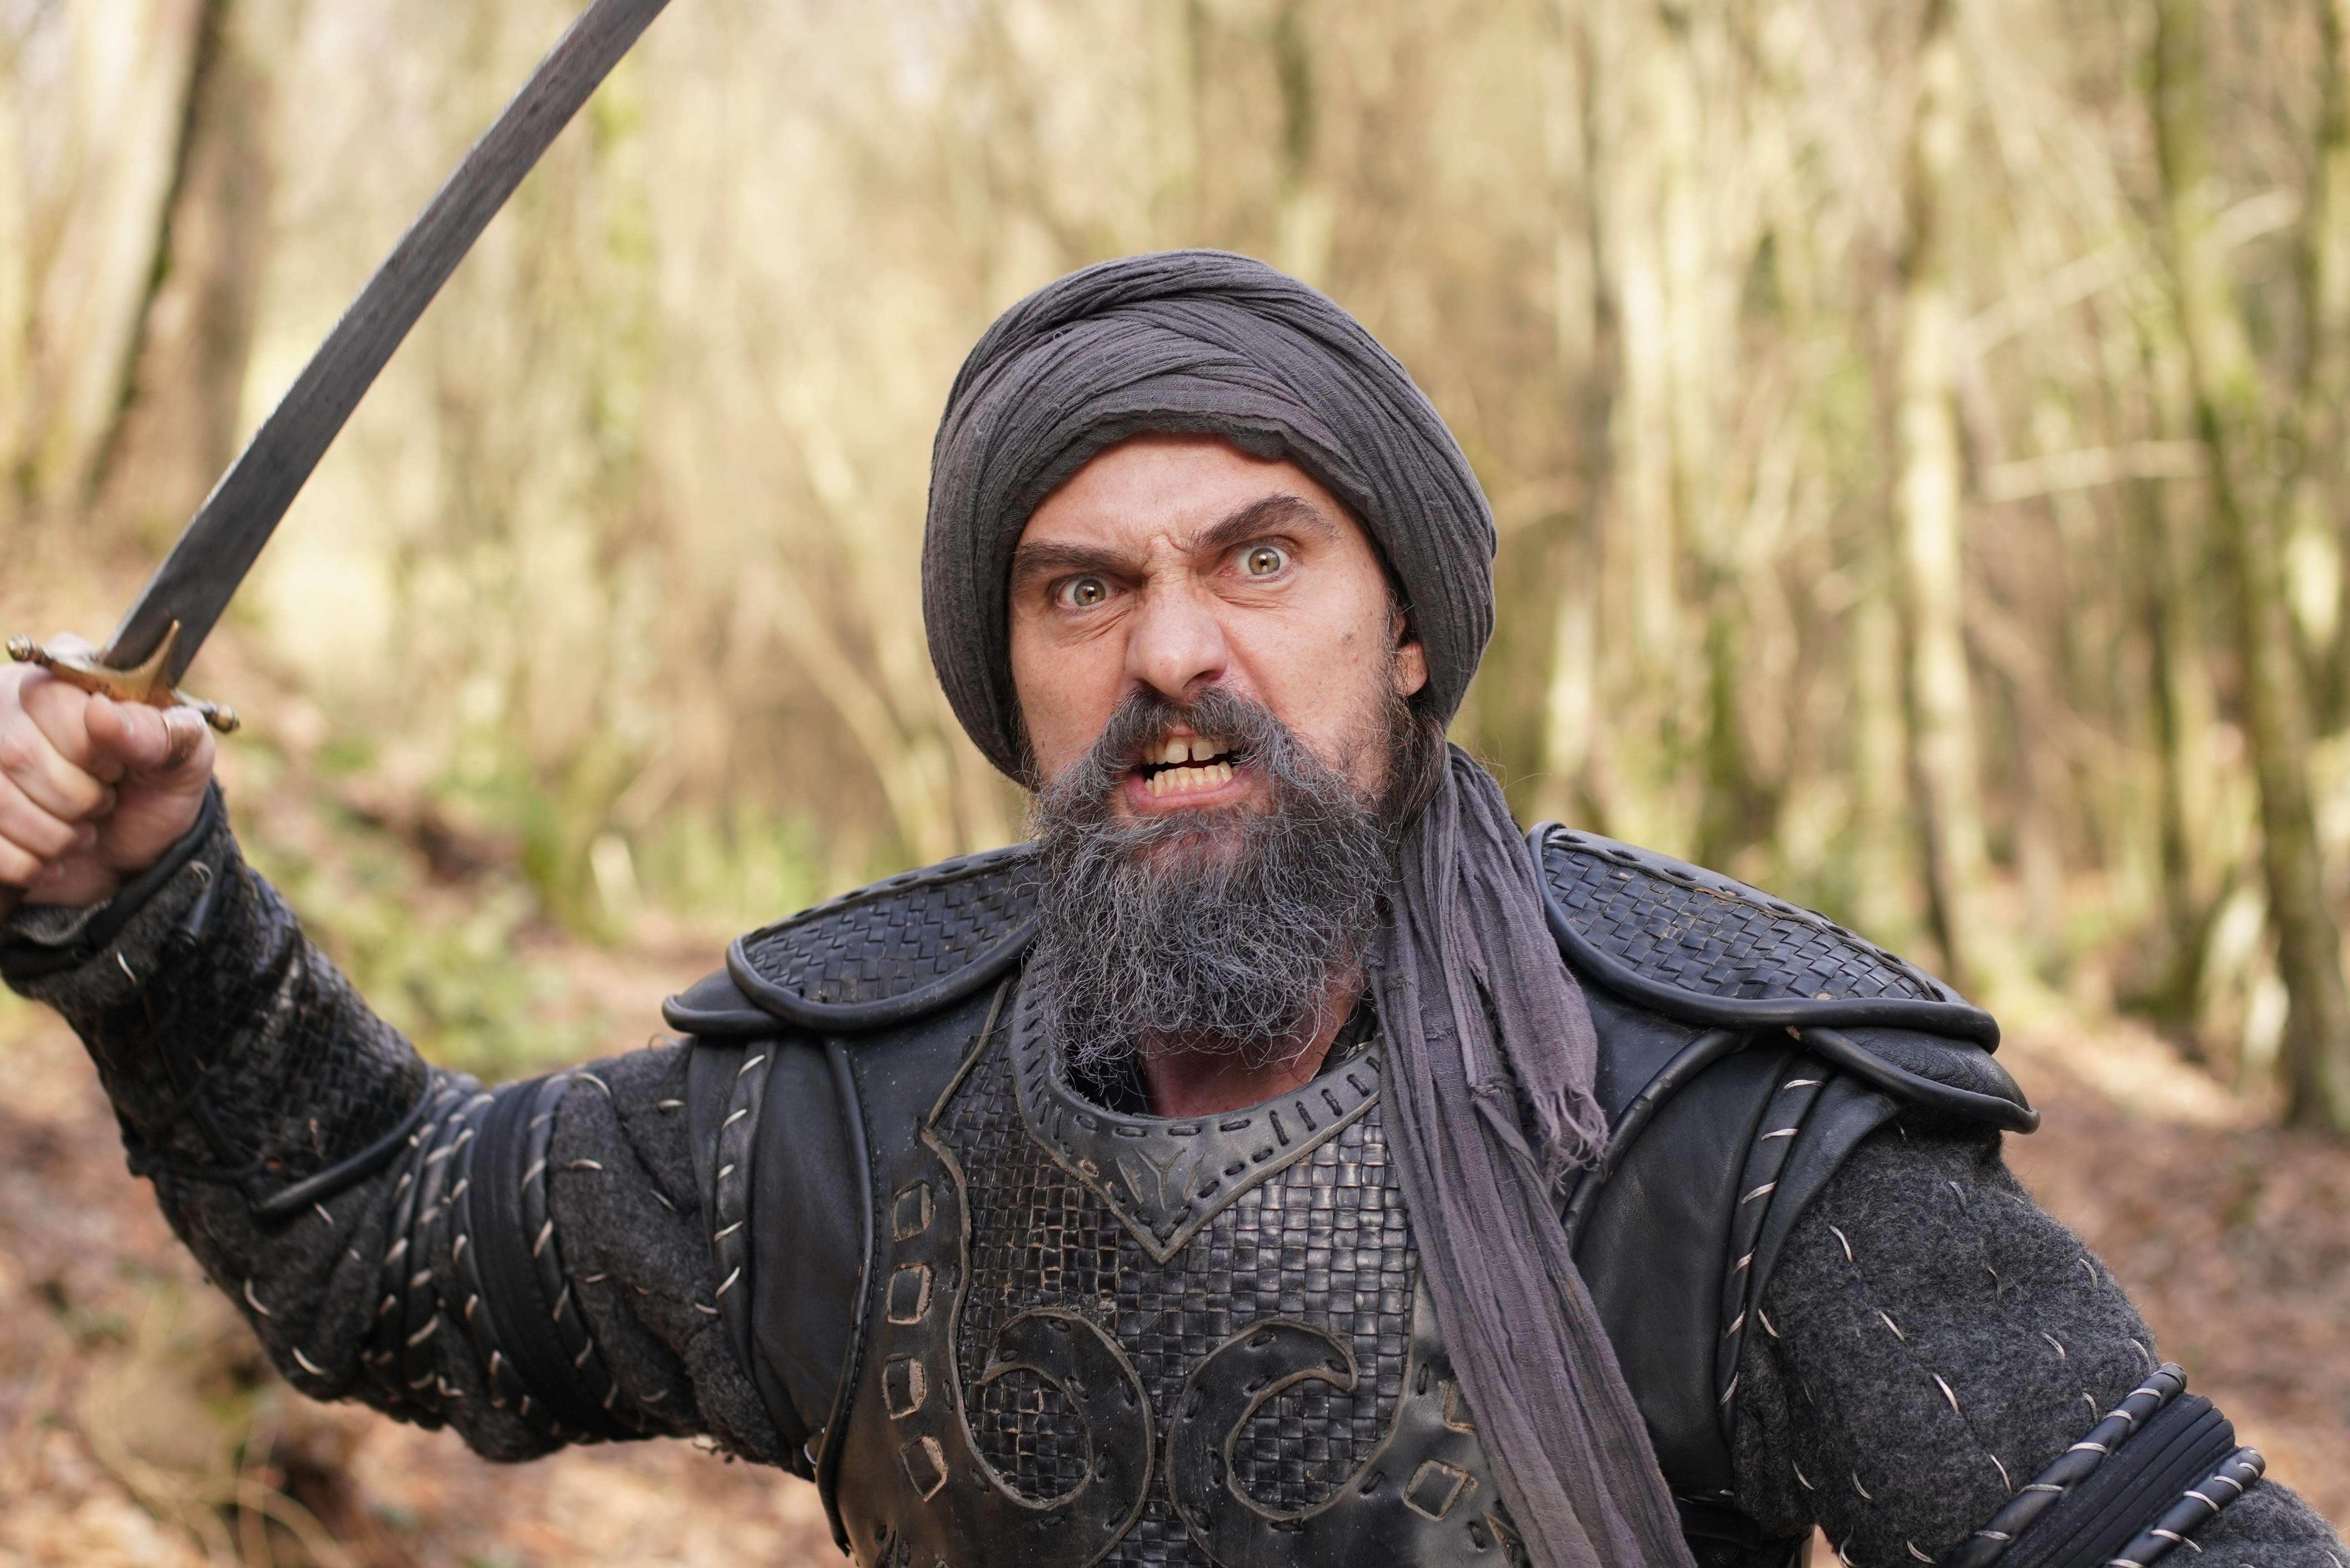 صور رسمية من الحلقة القادمة 135 من الموسم الخامس من قيامة أرطغرل بجودة عالية جداً